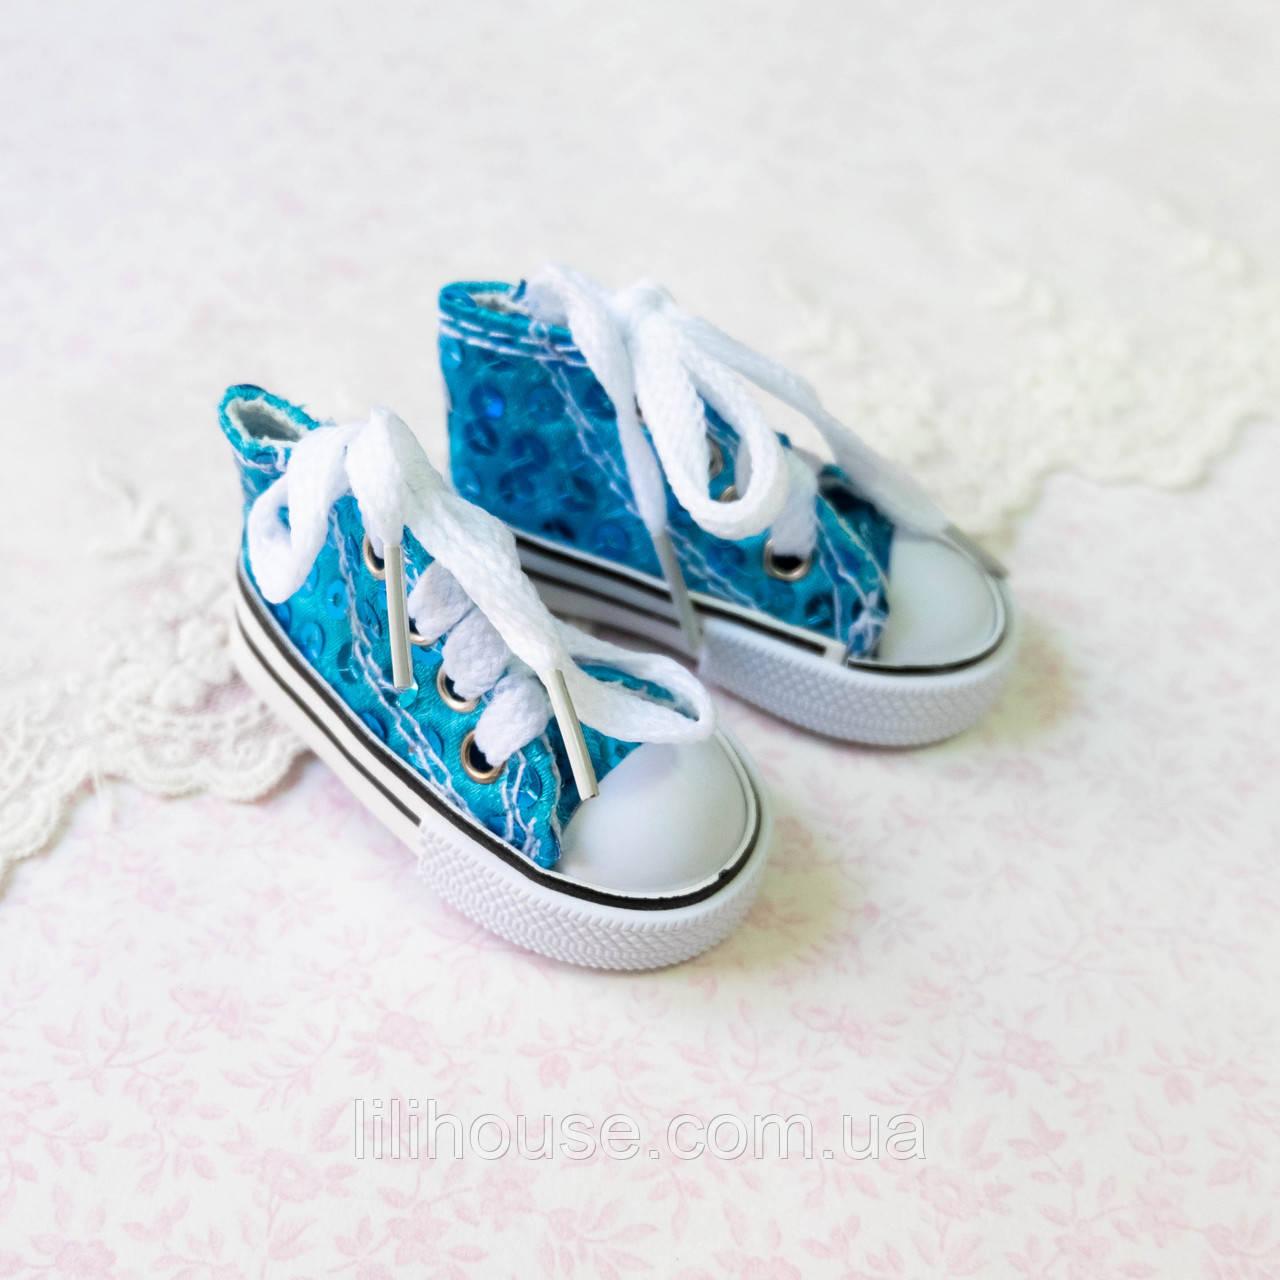 Обувь для кукол, кеды на шнуровке бирюзовые пайетки - 7*3 см